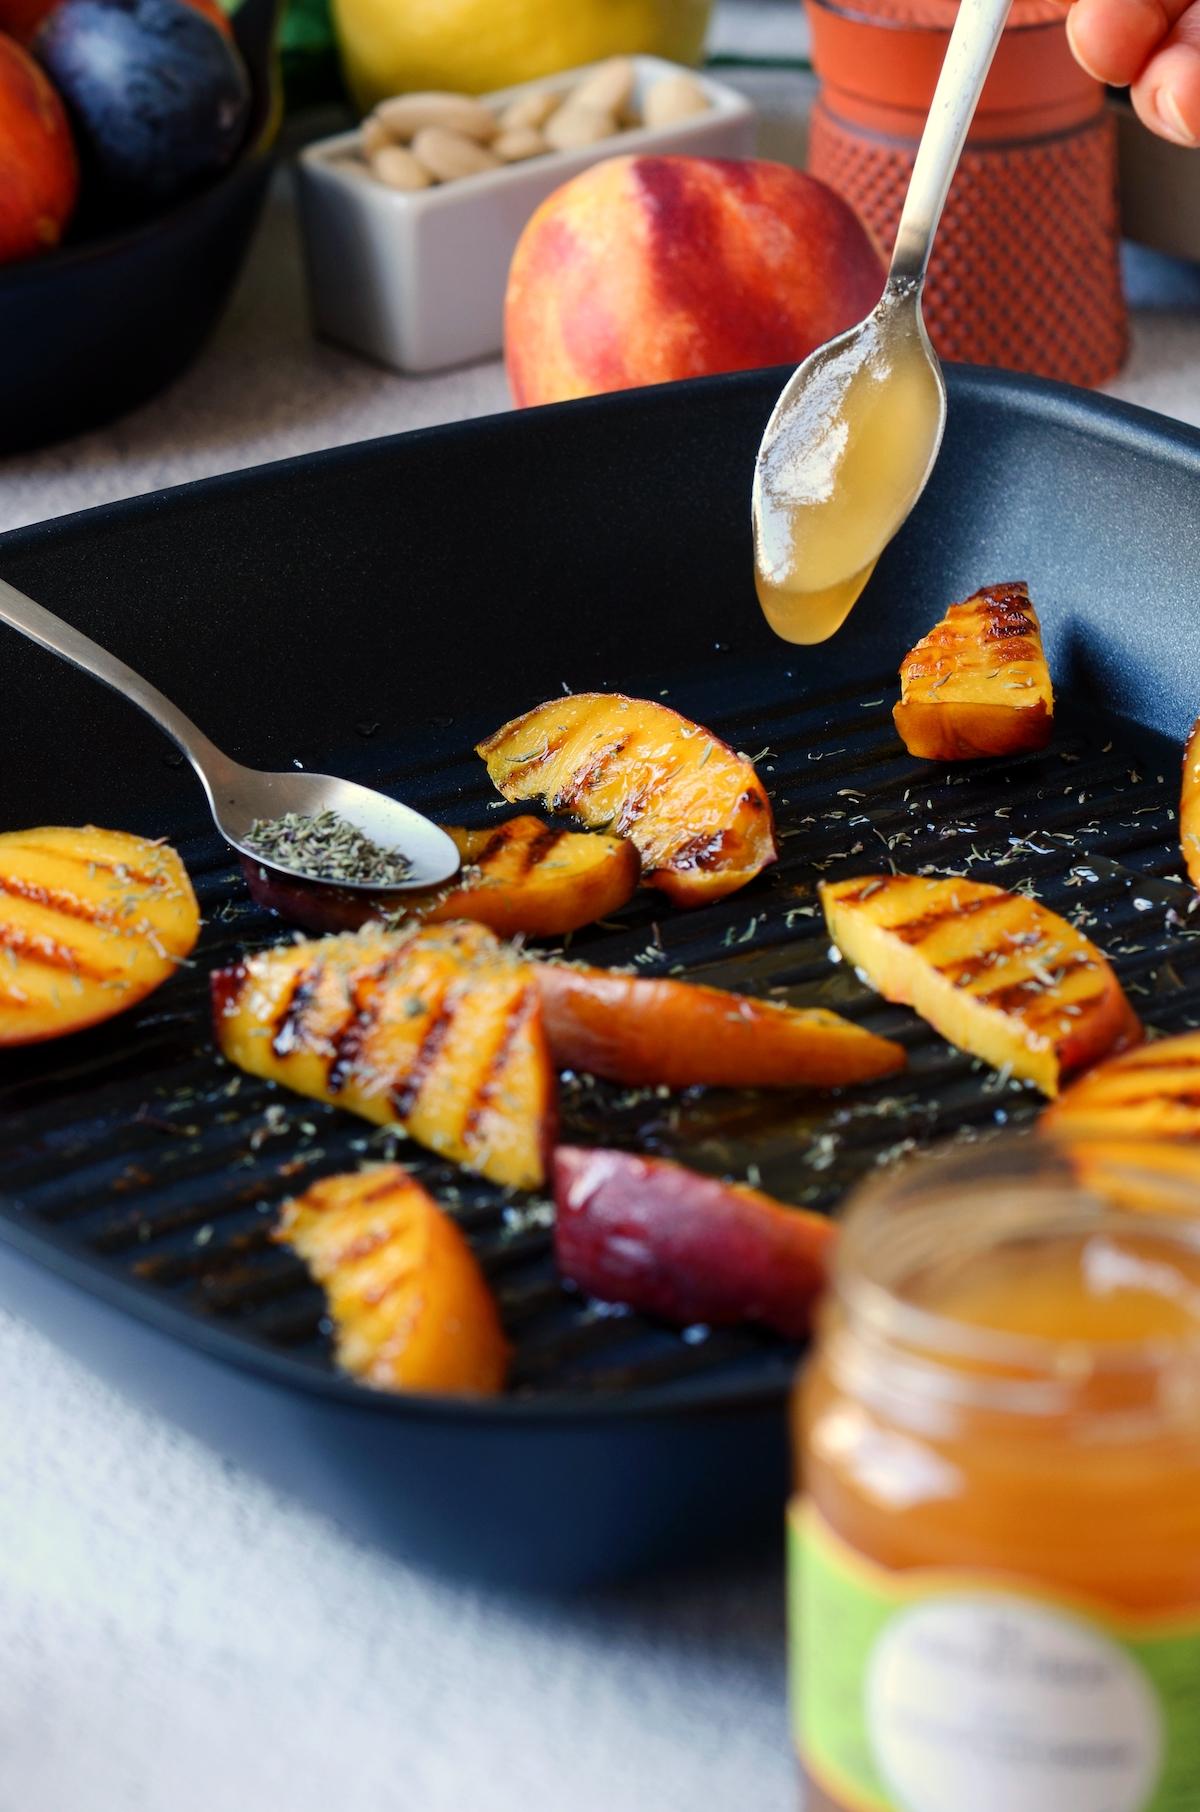 tutoriel technique cuisine comment rôtir nectarine pêche au miel poêle facilement